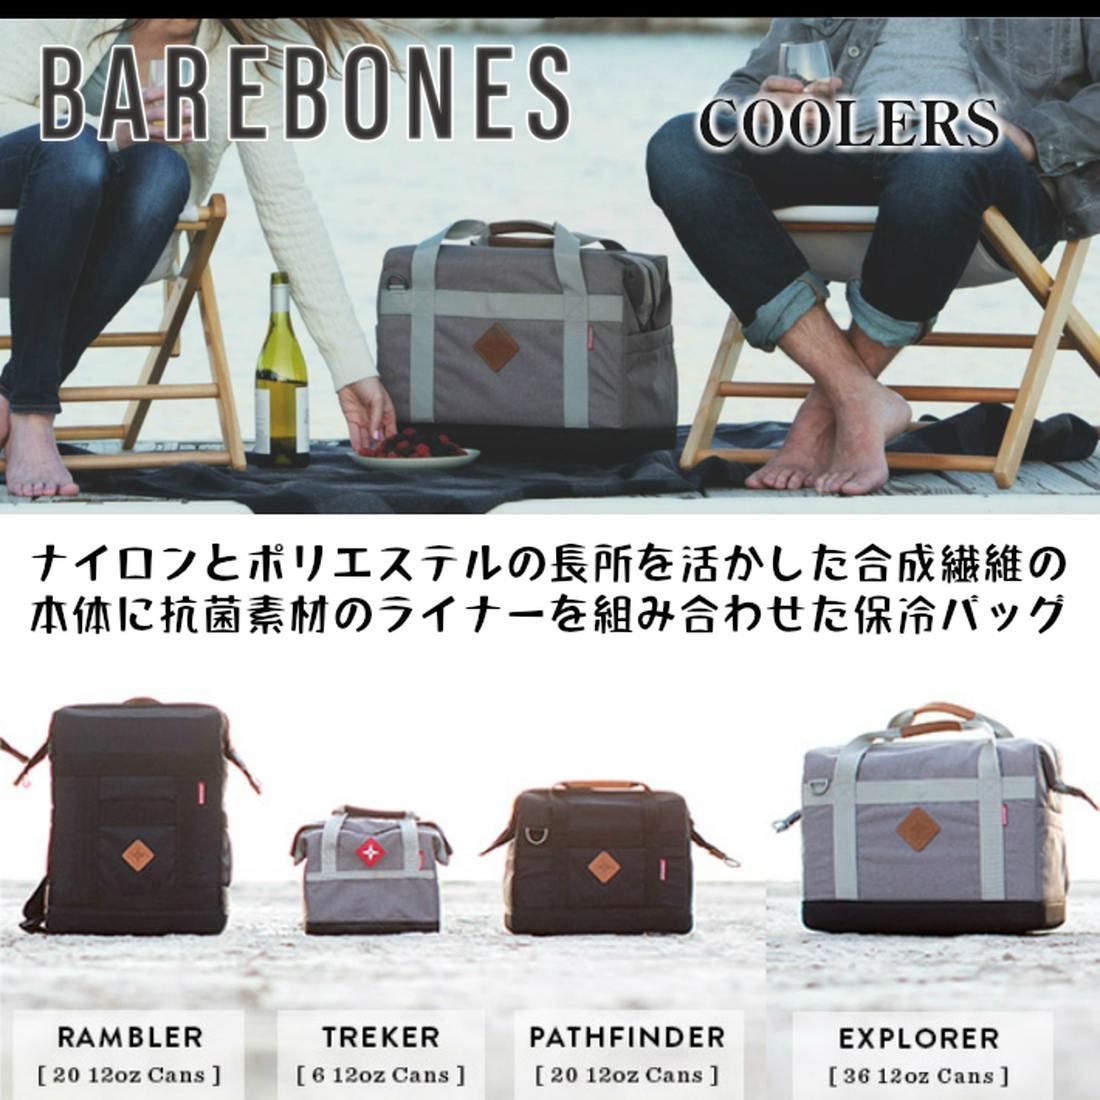 ベアボーンズ リビング ソフトクーラー ランブラー 保冷バック  国内正規品